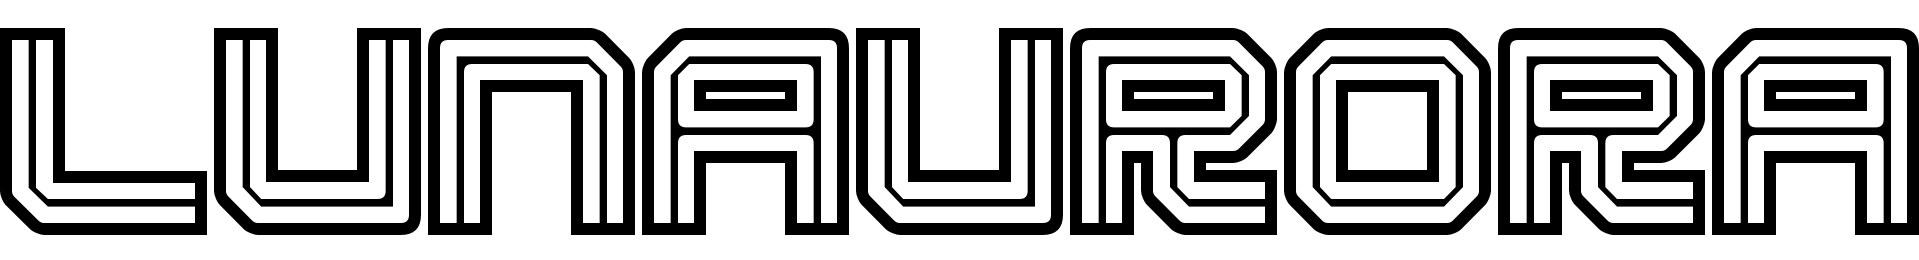 Lunaurora